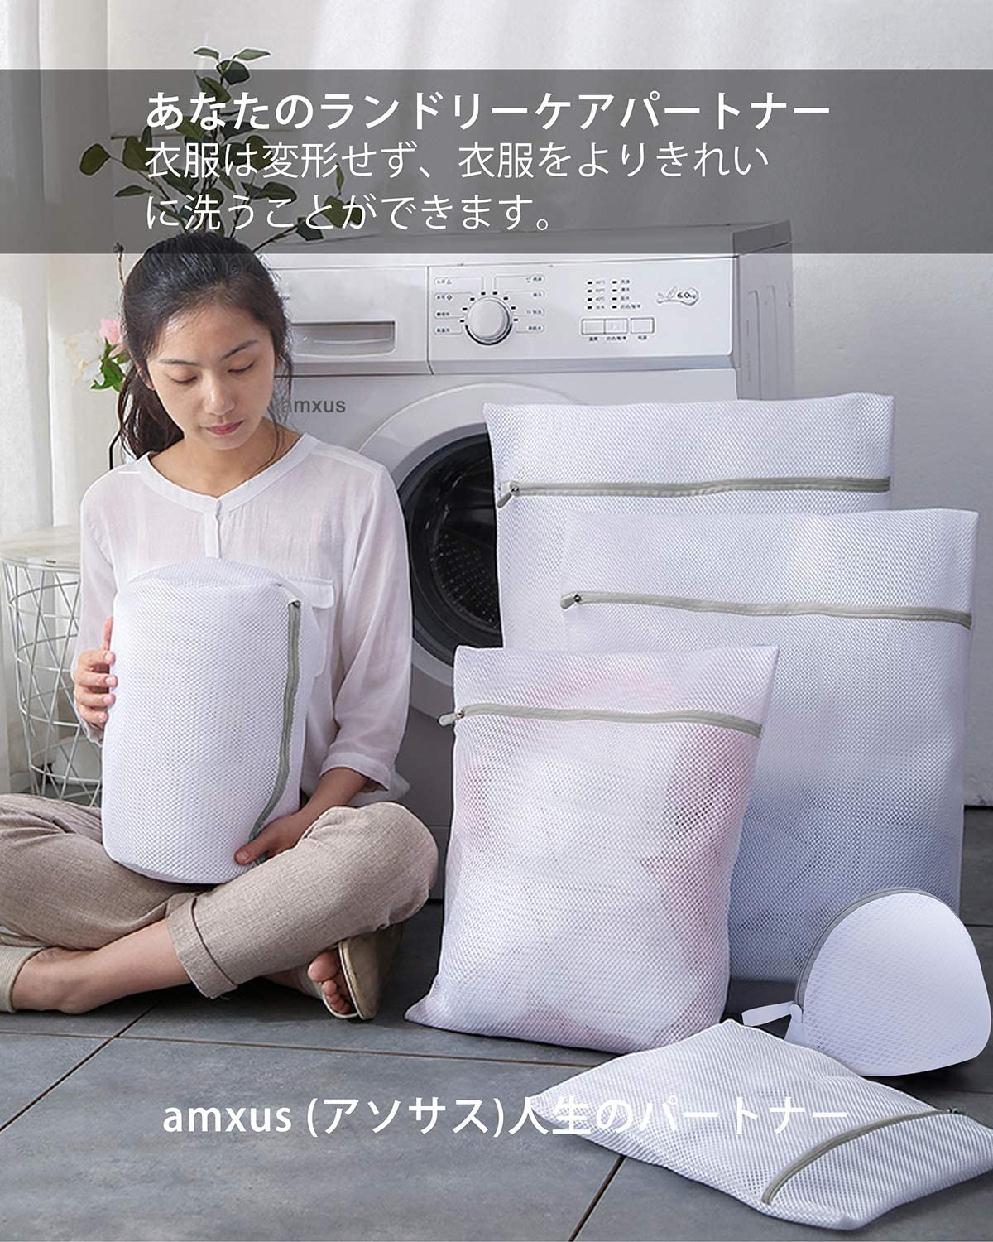 amxus(アンサス) 洗濯ネットの商品画像5